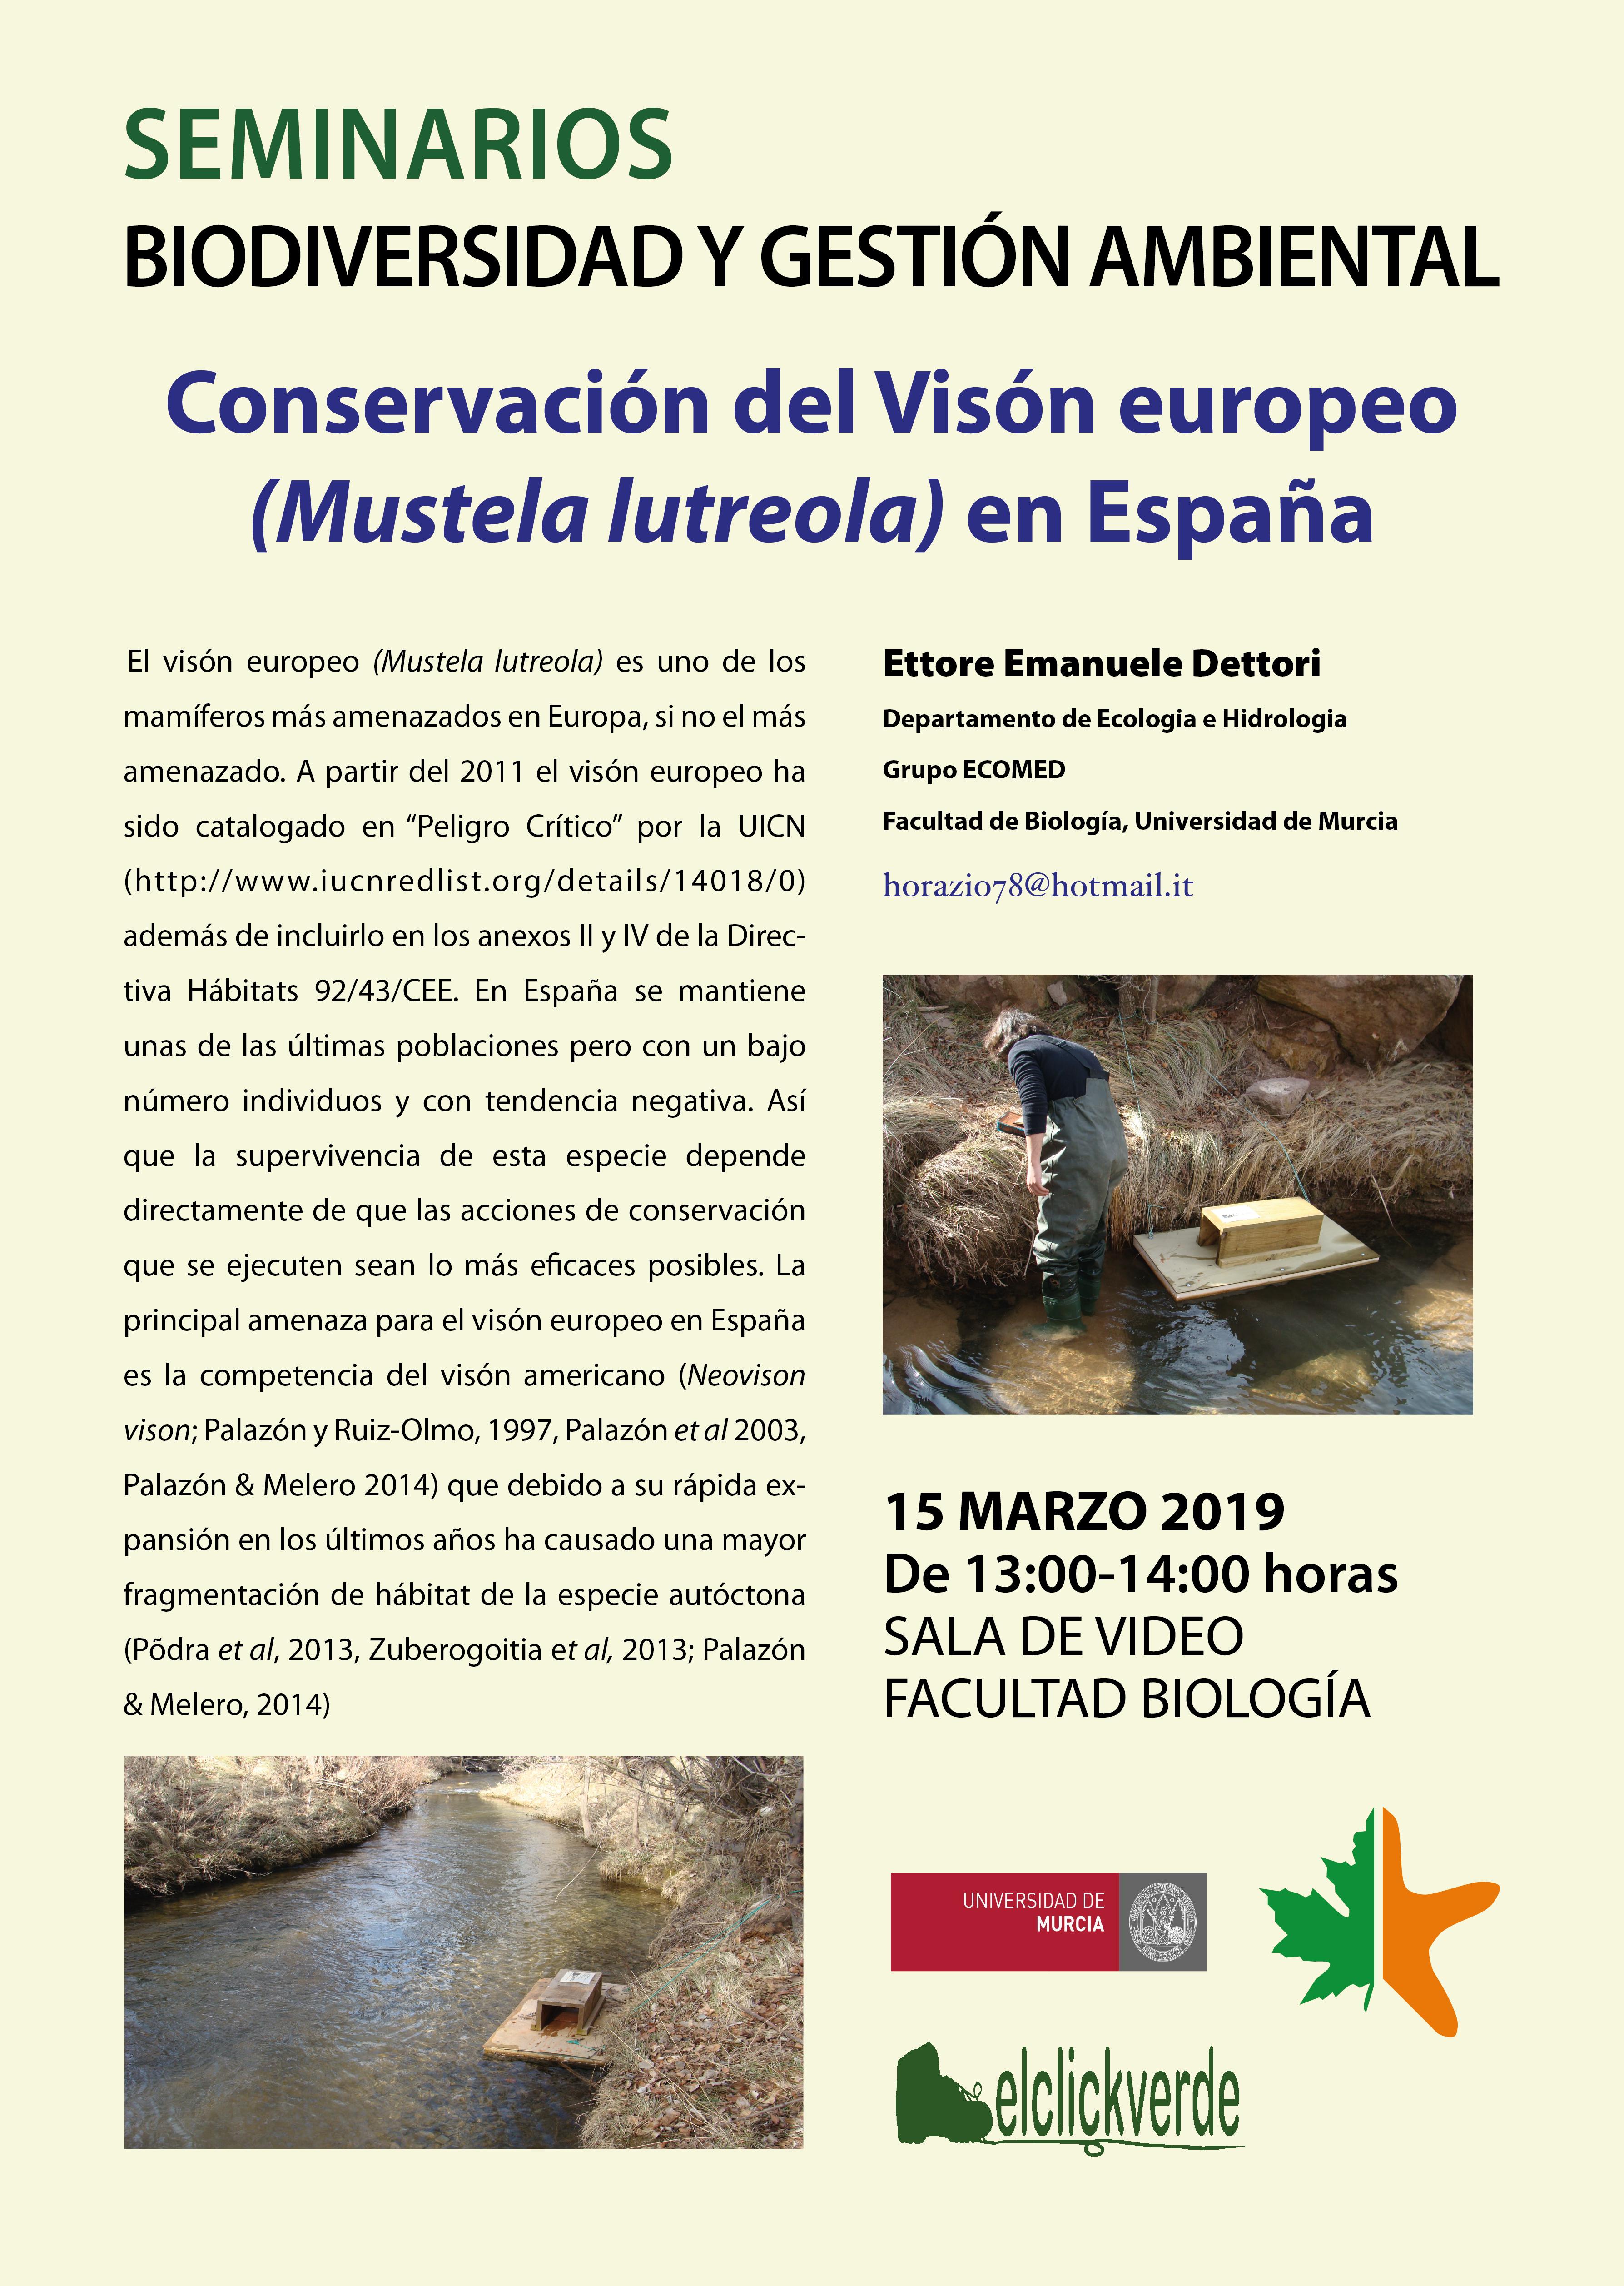 Conservación del visón europeo en España, con la UMU